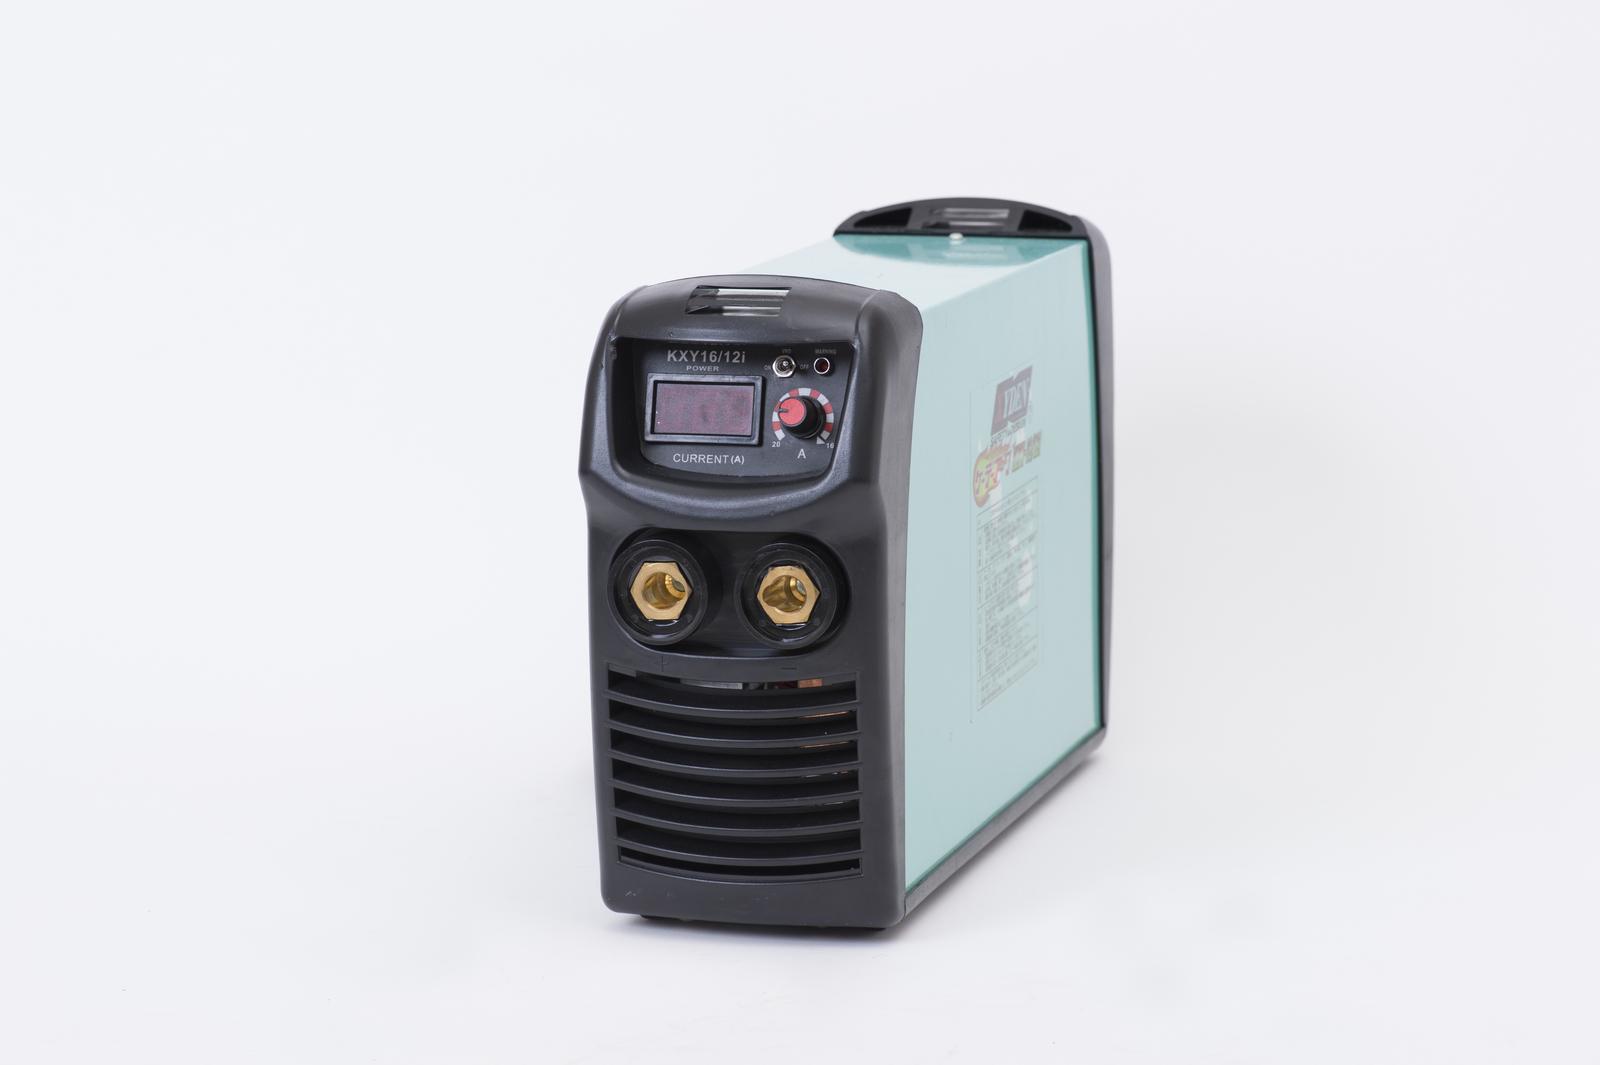 キシデン KXY-16/12i【新型】直流インバータ溶接機 100/200V兼用機 溶接コードセット付き